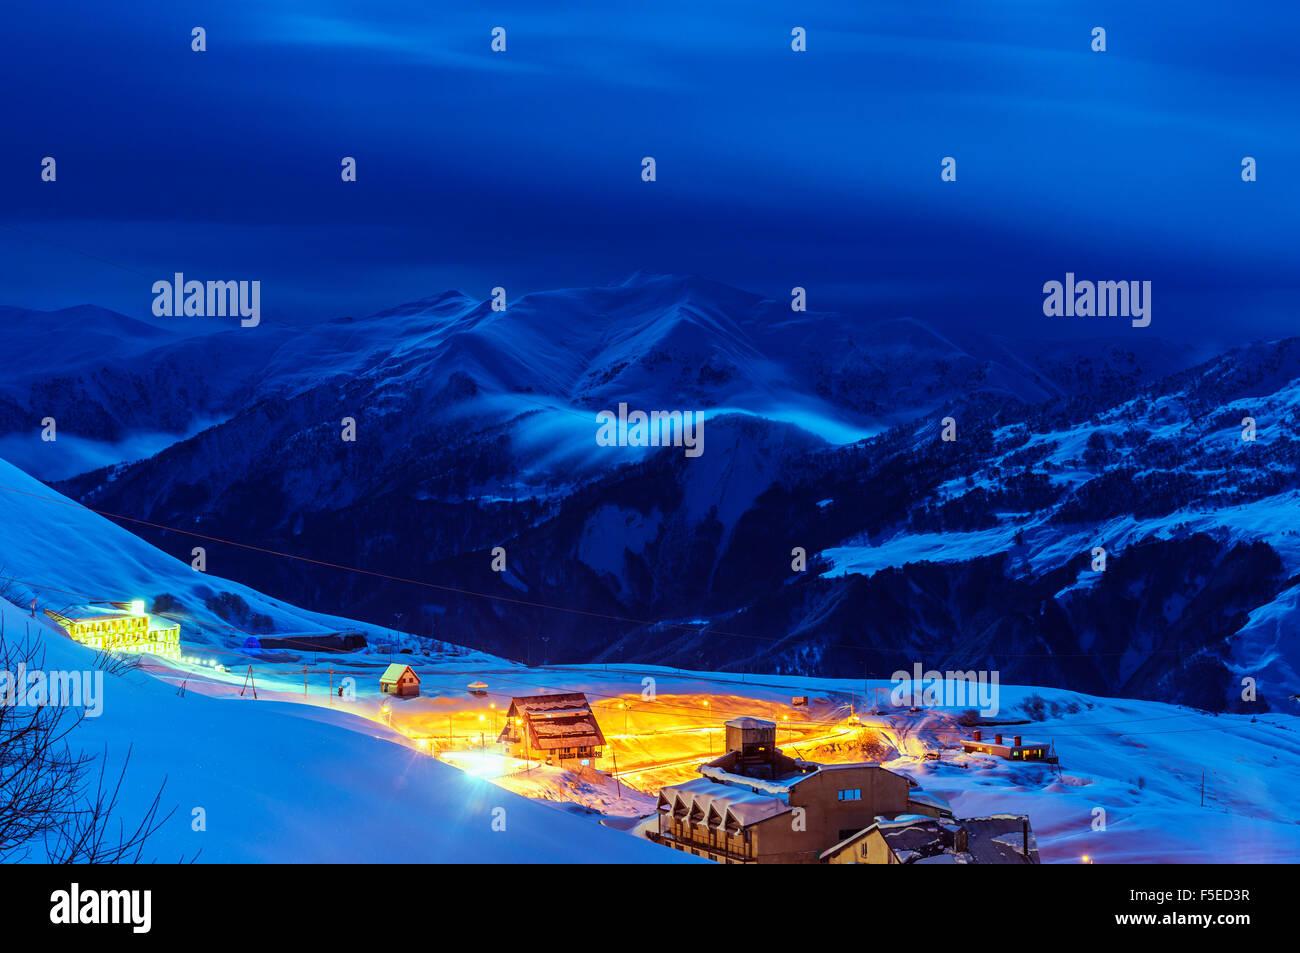 Gudauri Schigebiet, Georgia, Caucasus Region, Zentral-Asien, Asien Stockbild